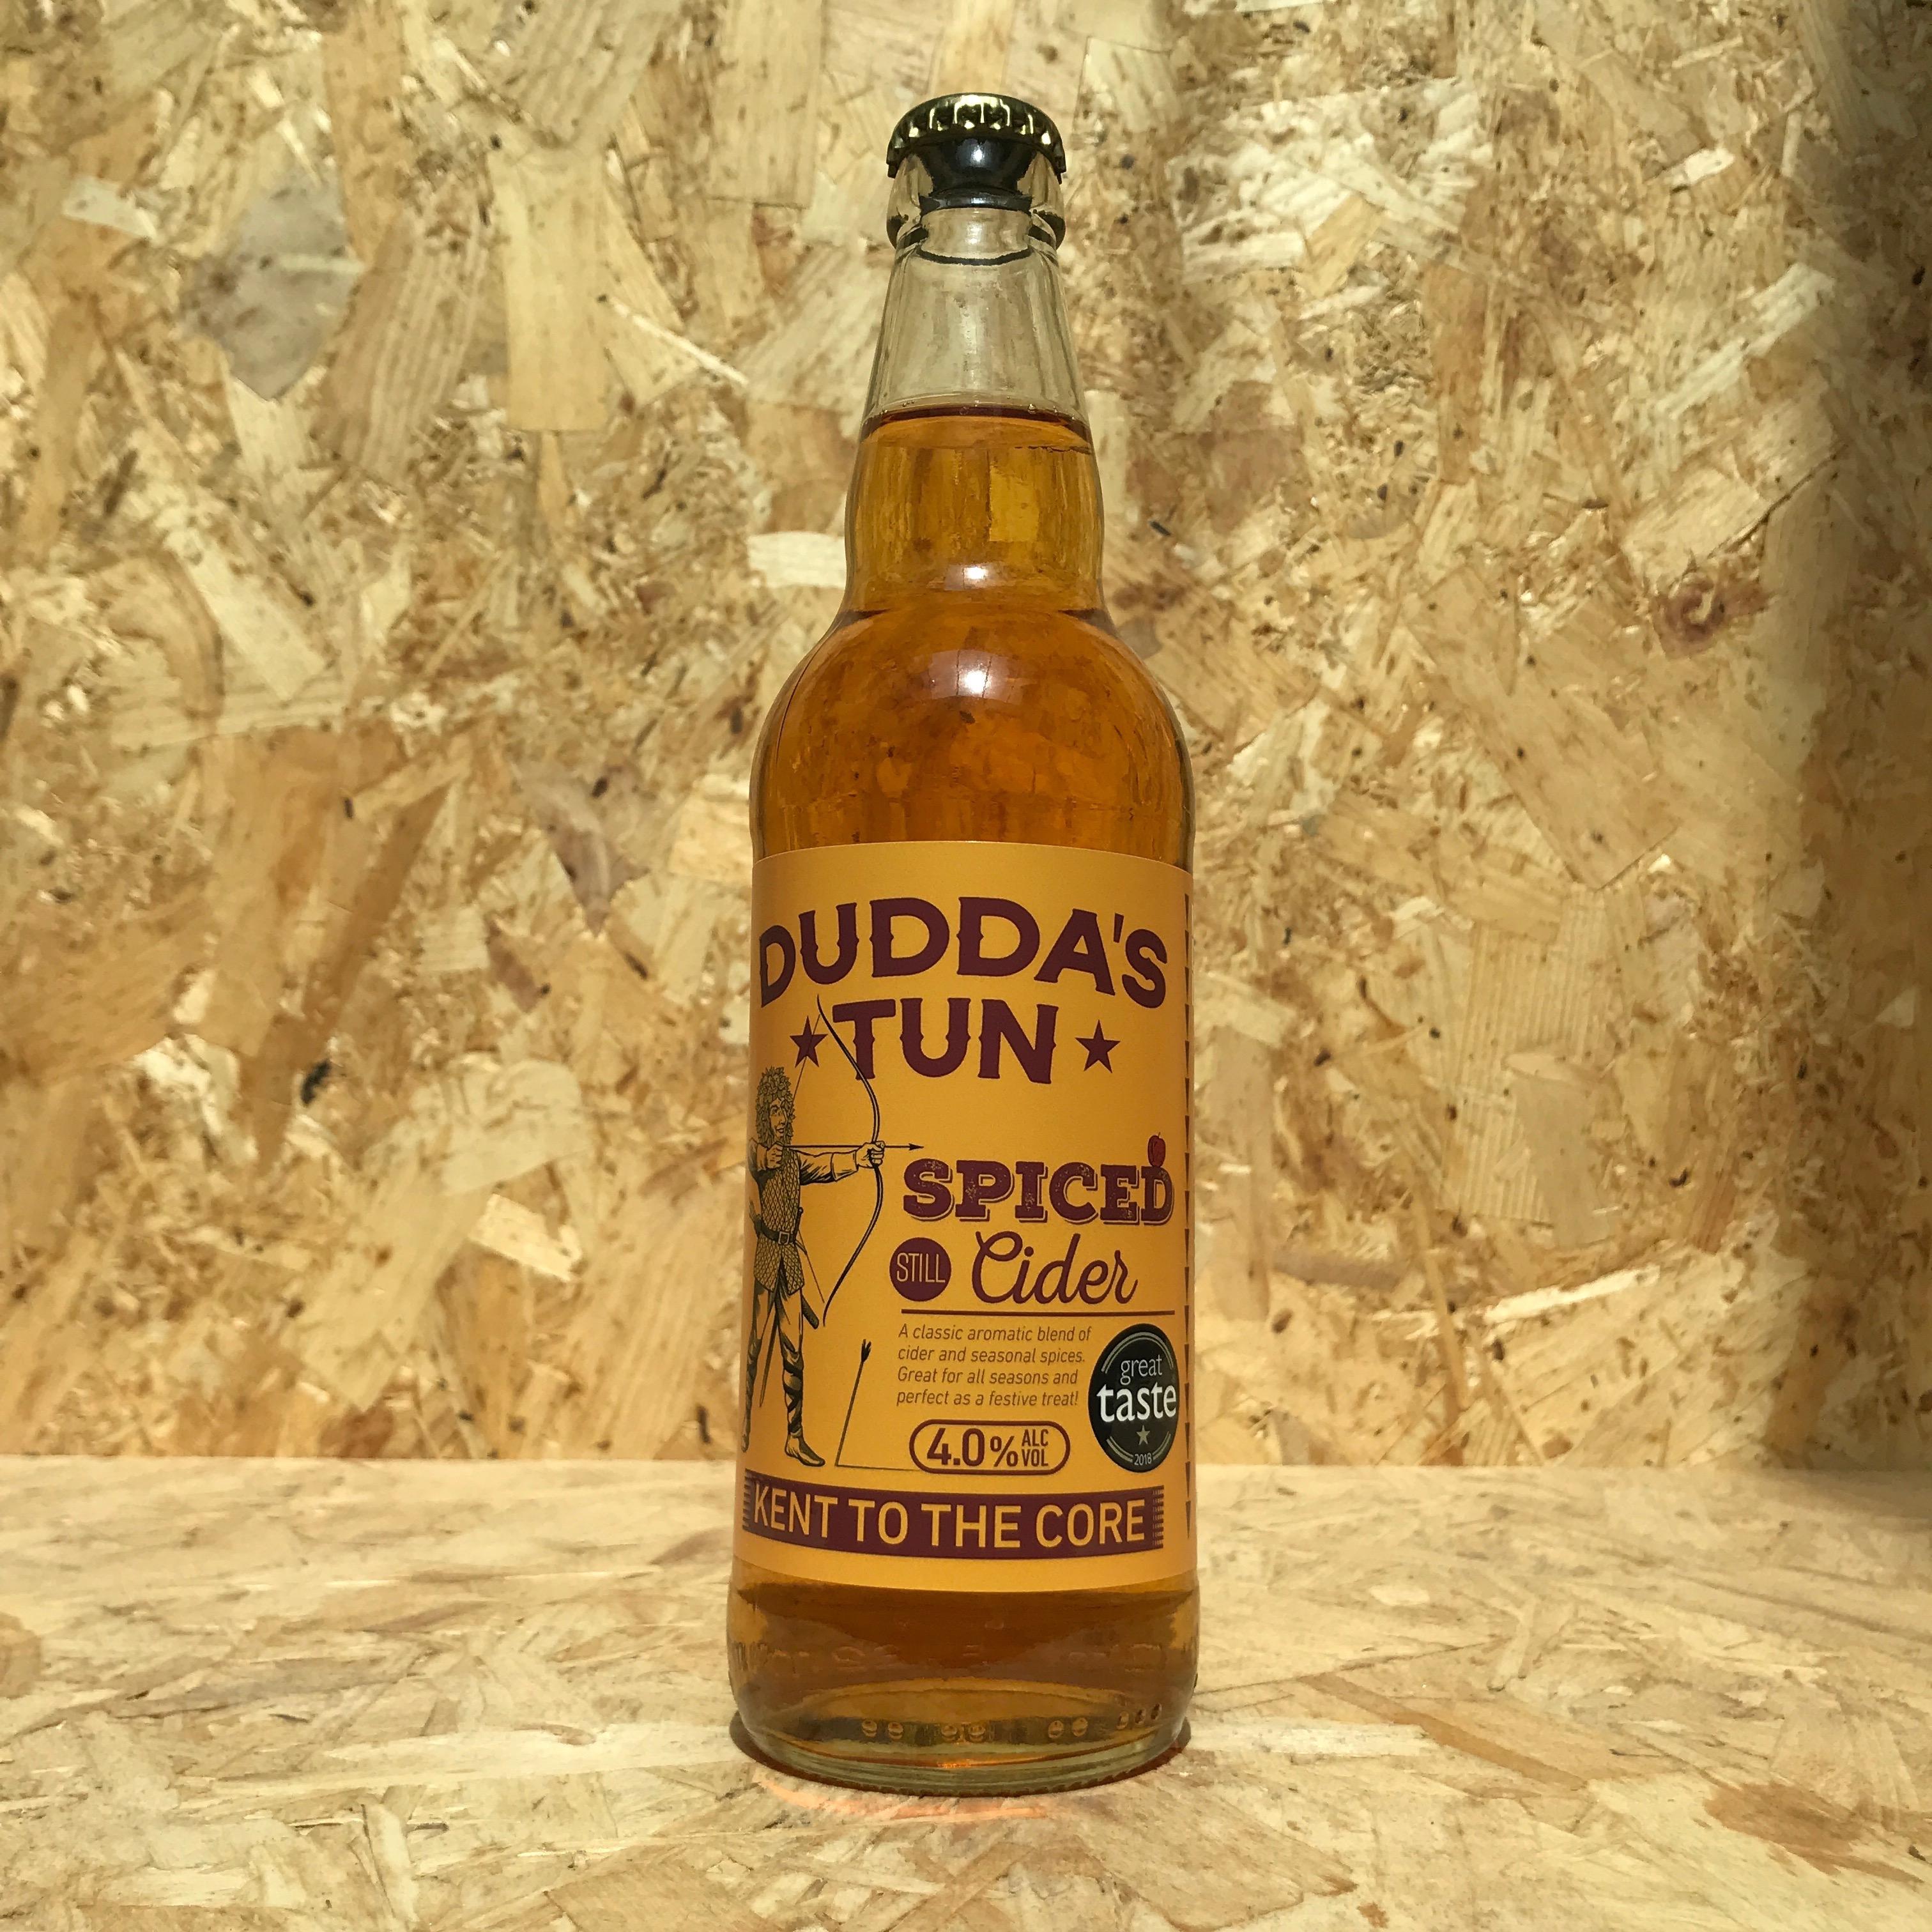 Dudda's Tun - Spiced Cider